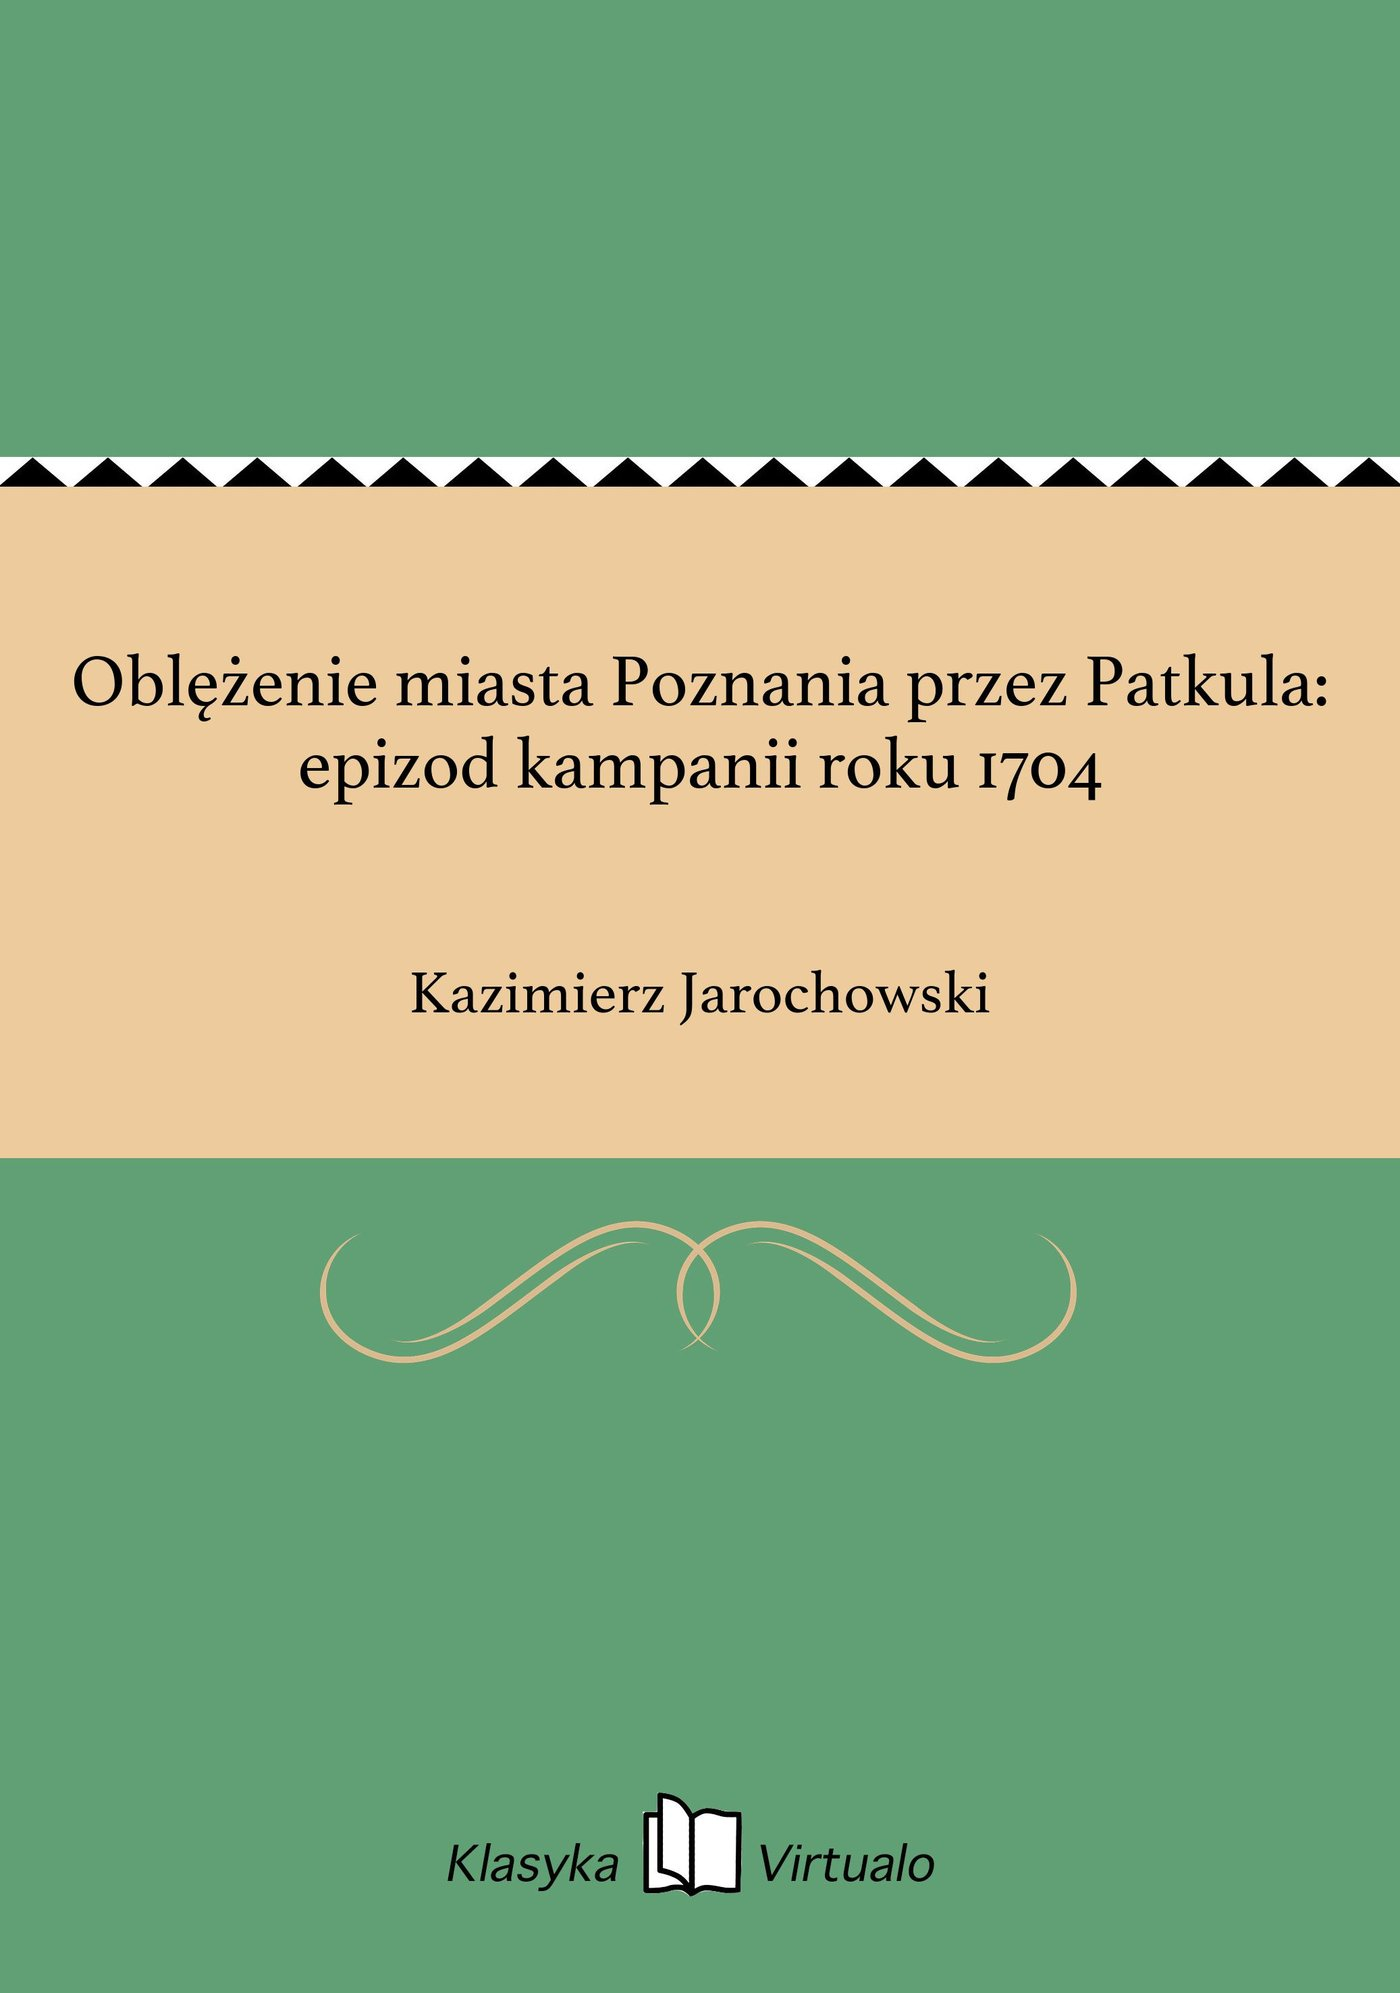 Oblężenie miasta Poznania przez Patkula: epizod kampanii roku 1704 - Ebook (Książka EPUB) do pobrania w formacie EPUB